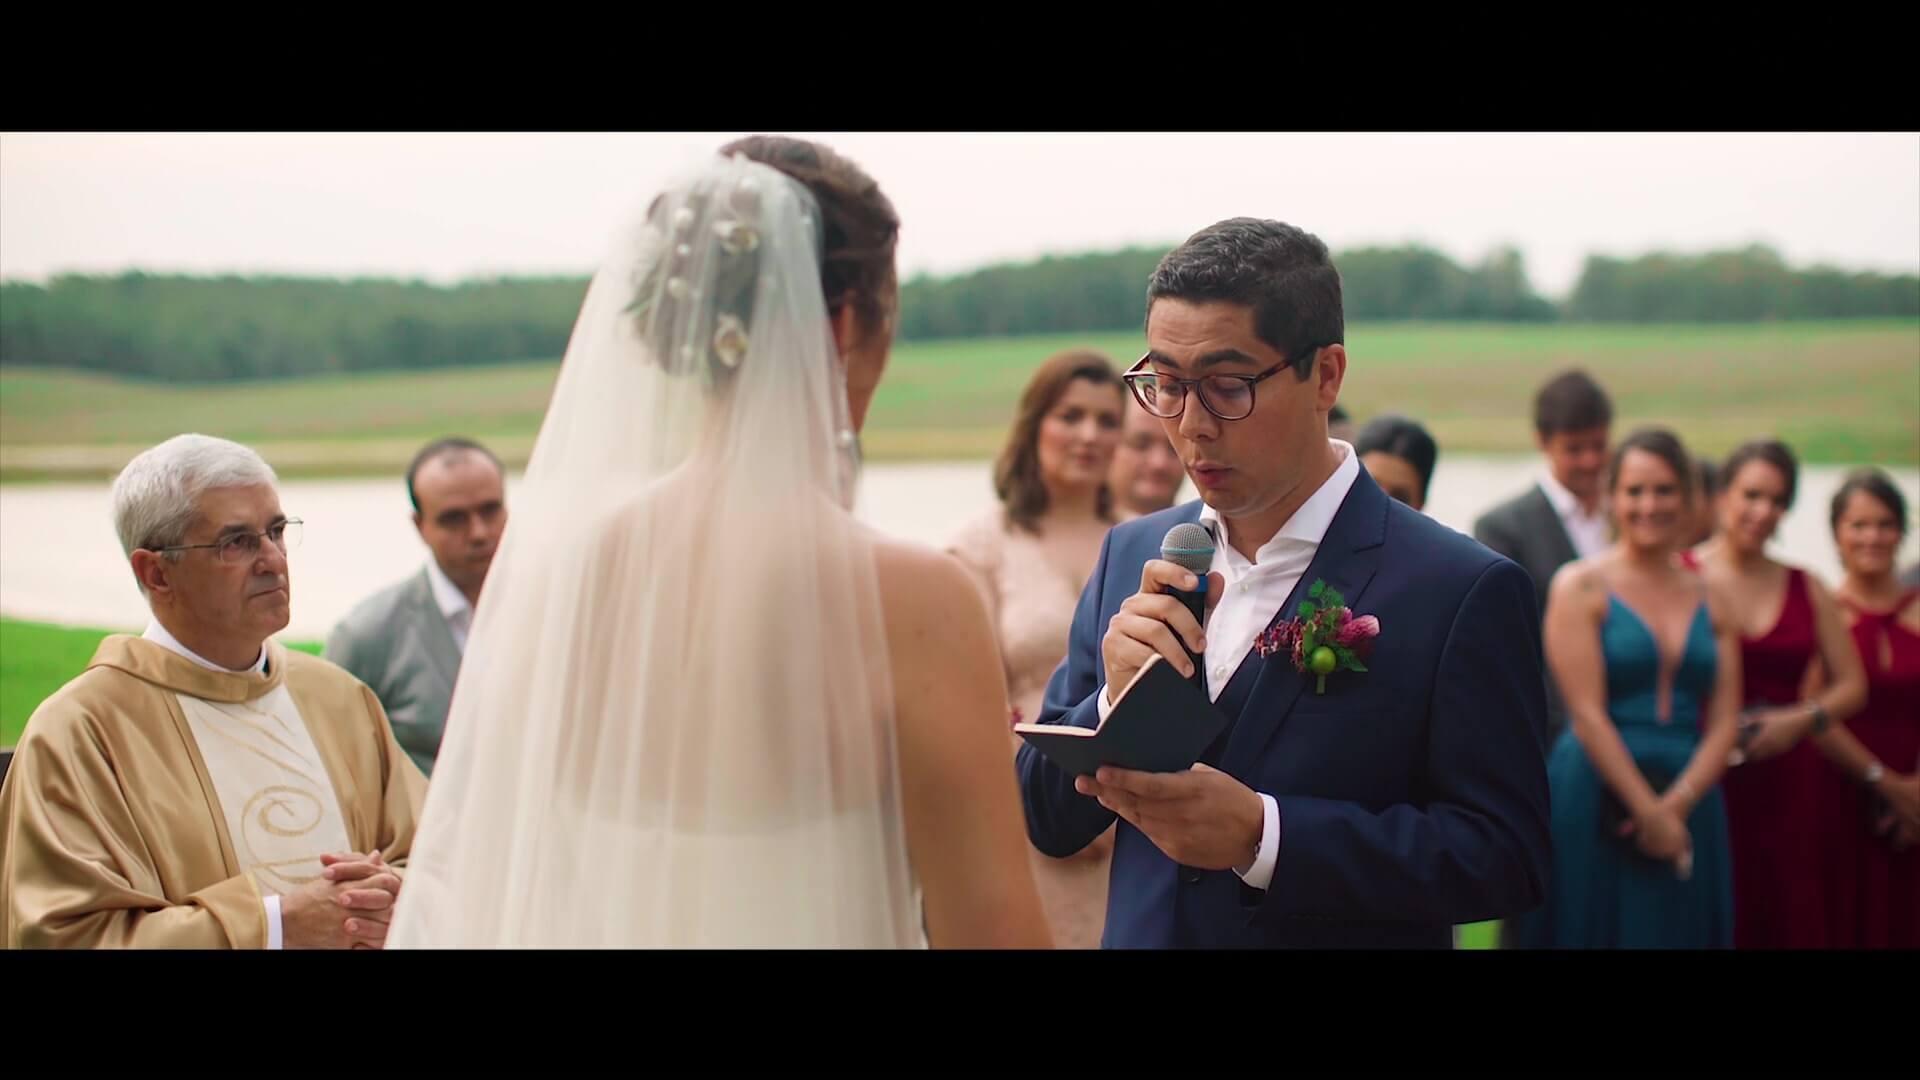 glenda_e_cassio_destination_wedding_fazenda_rio_grande_do_sul00014